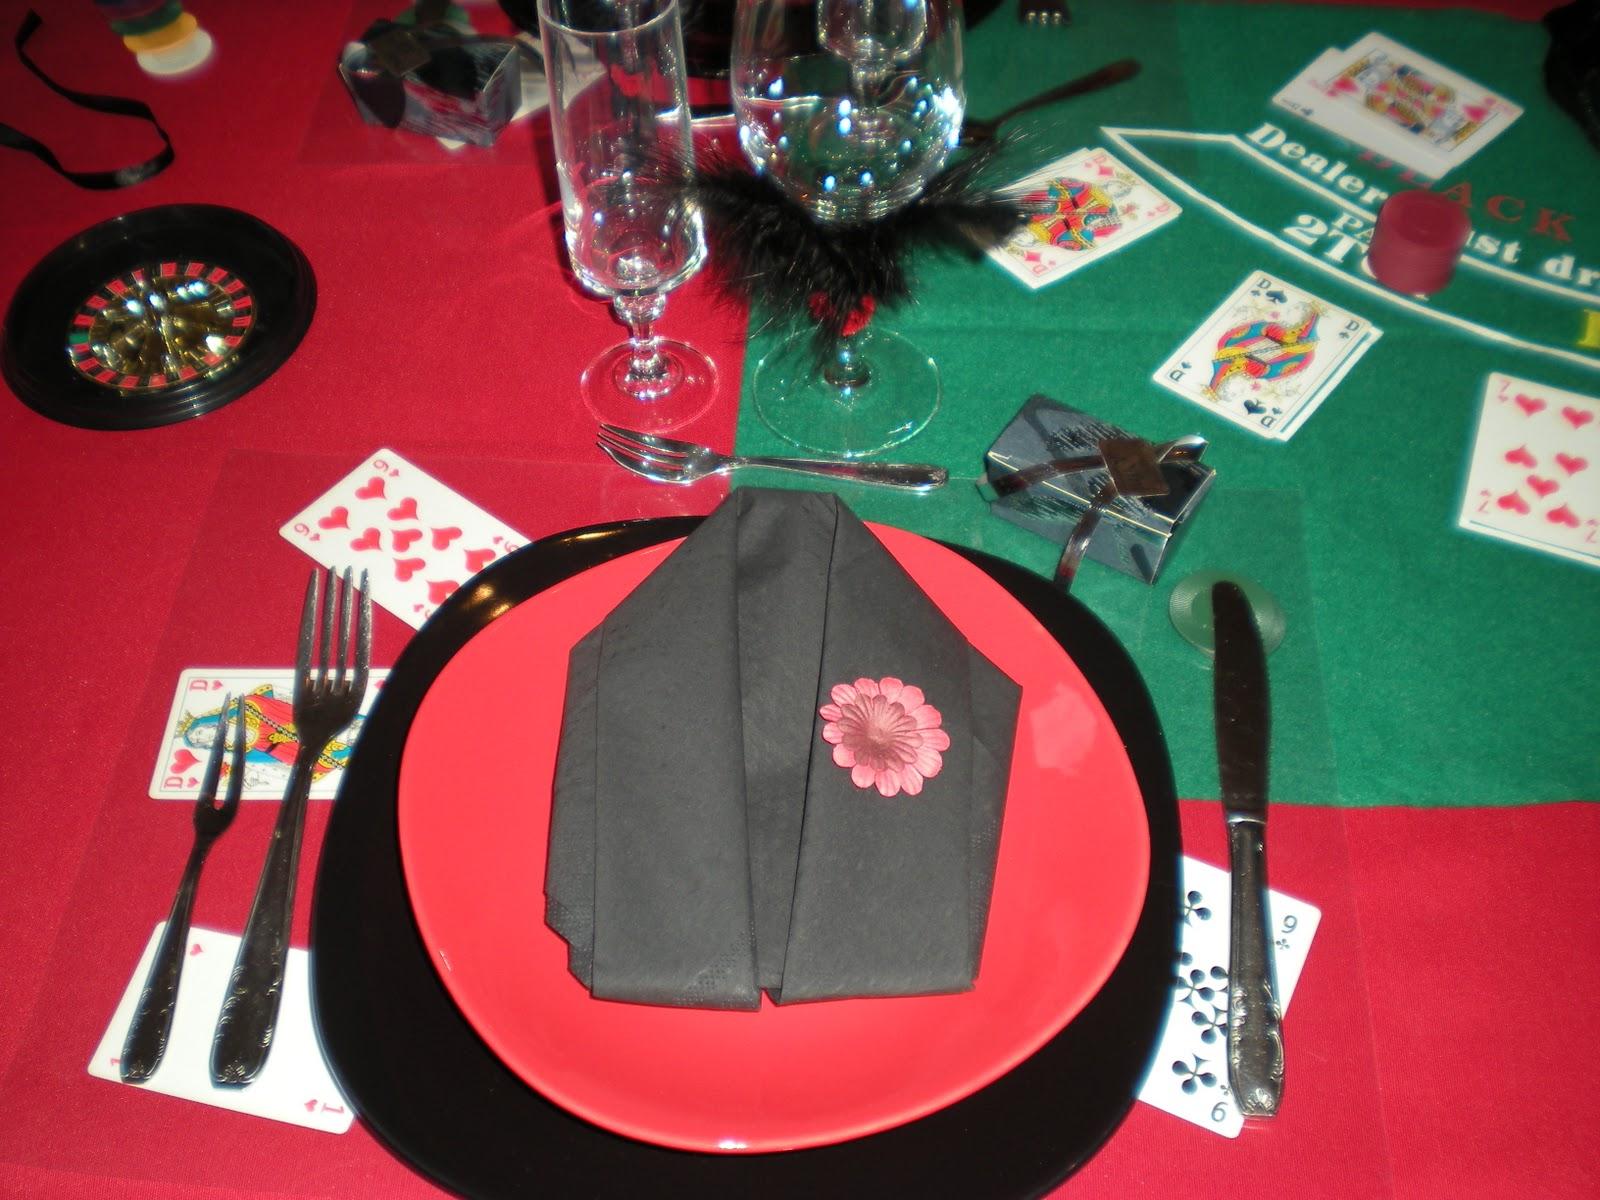 D co th mes nouvel an sur le th me jeux de casino - Theme nouvel an ...